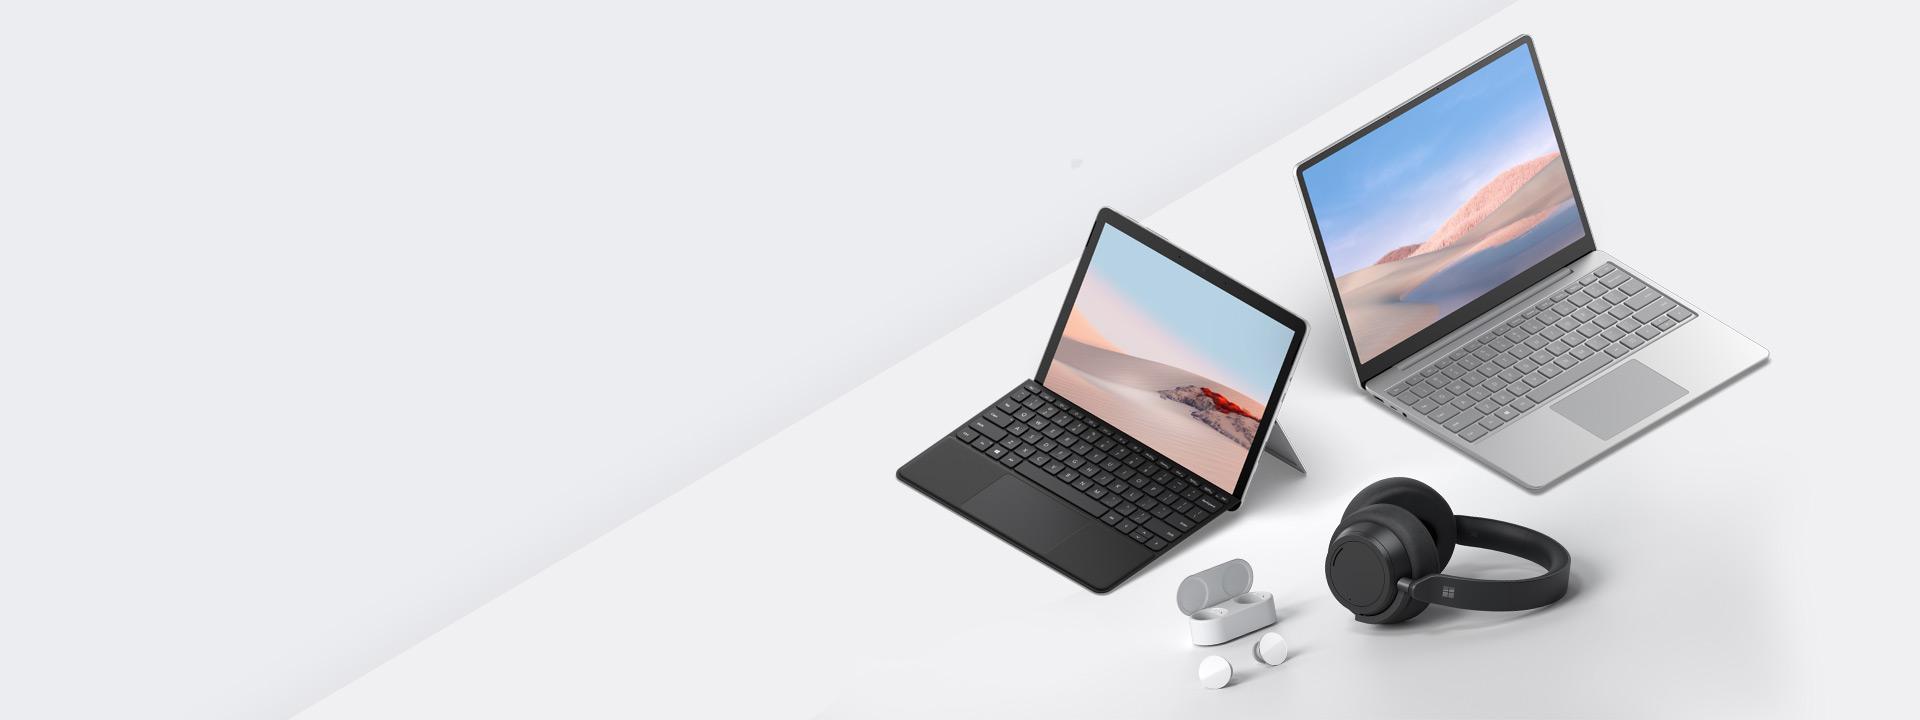 ภาพแสดง Surface Laptop Go และ Surface Go 2 พร้อมหูฟังแบบเอียร์บัดและหูฟังแบบครอบหู